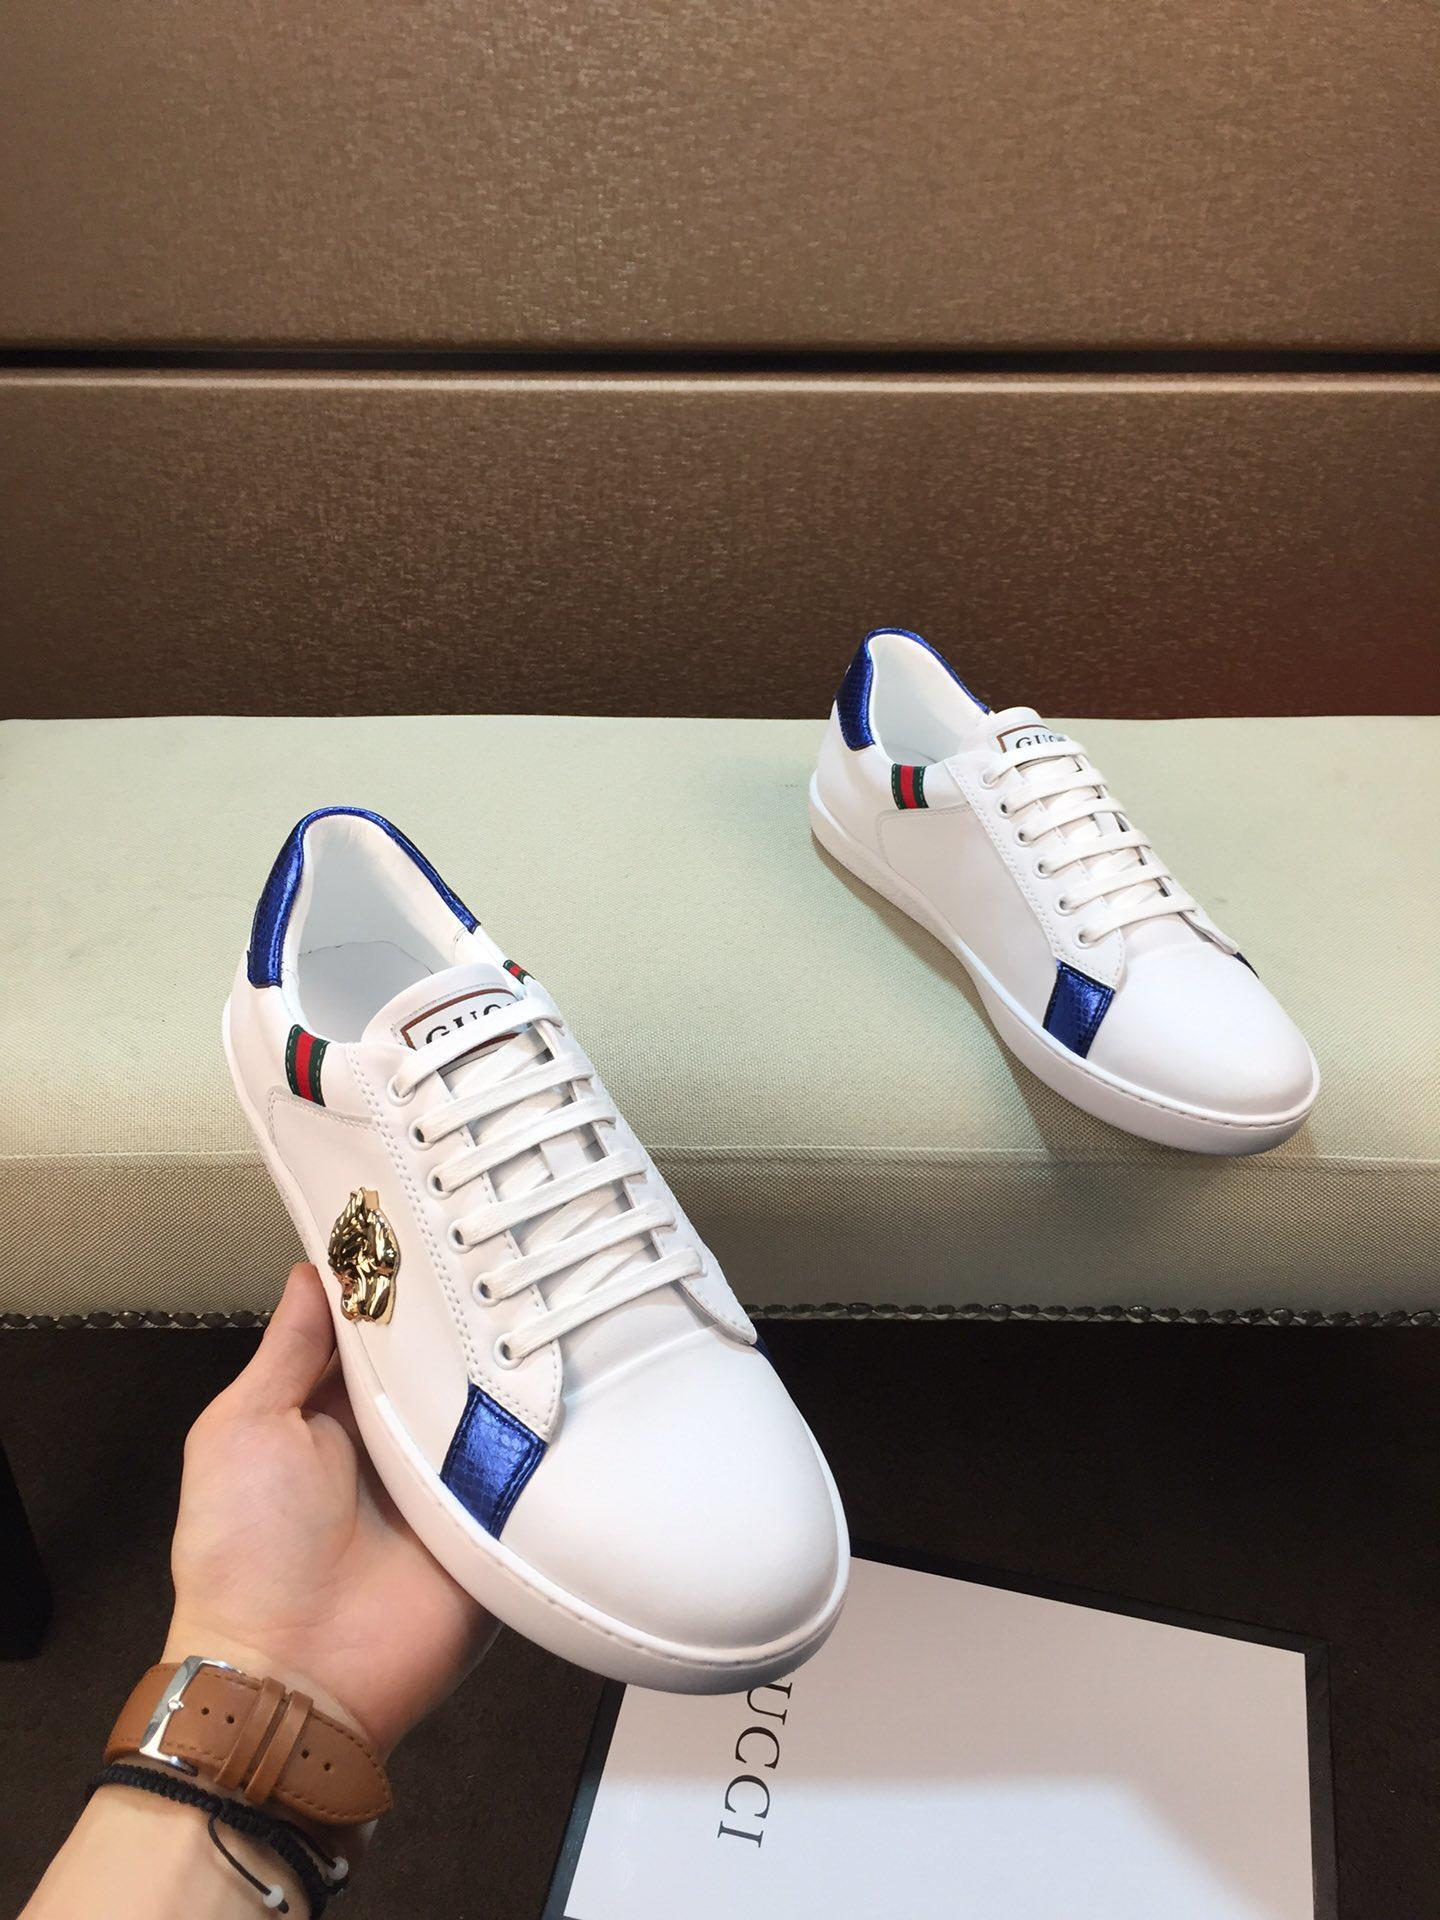 2019q New Men '; S Chaussures de sport, élégant et blanc Chaussures confortables, Chaussures sauvages Low -Top, Boîte emballage d'origine: 38 -44